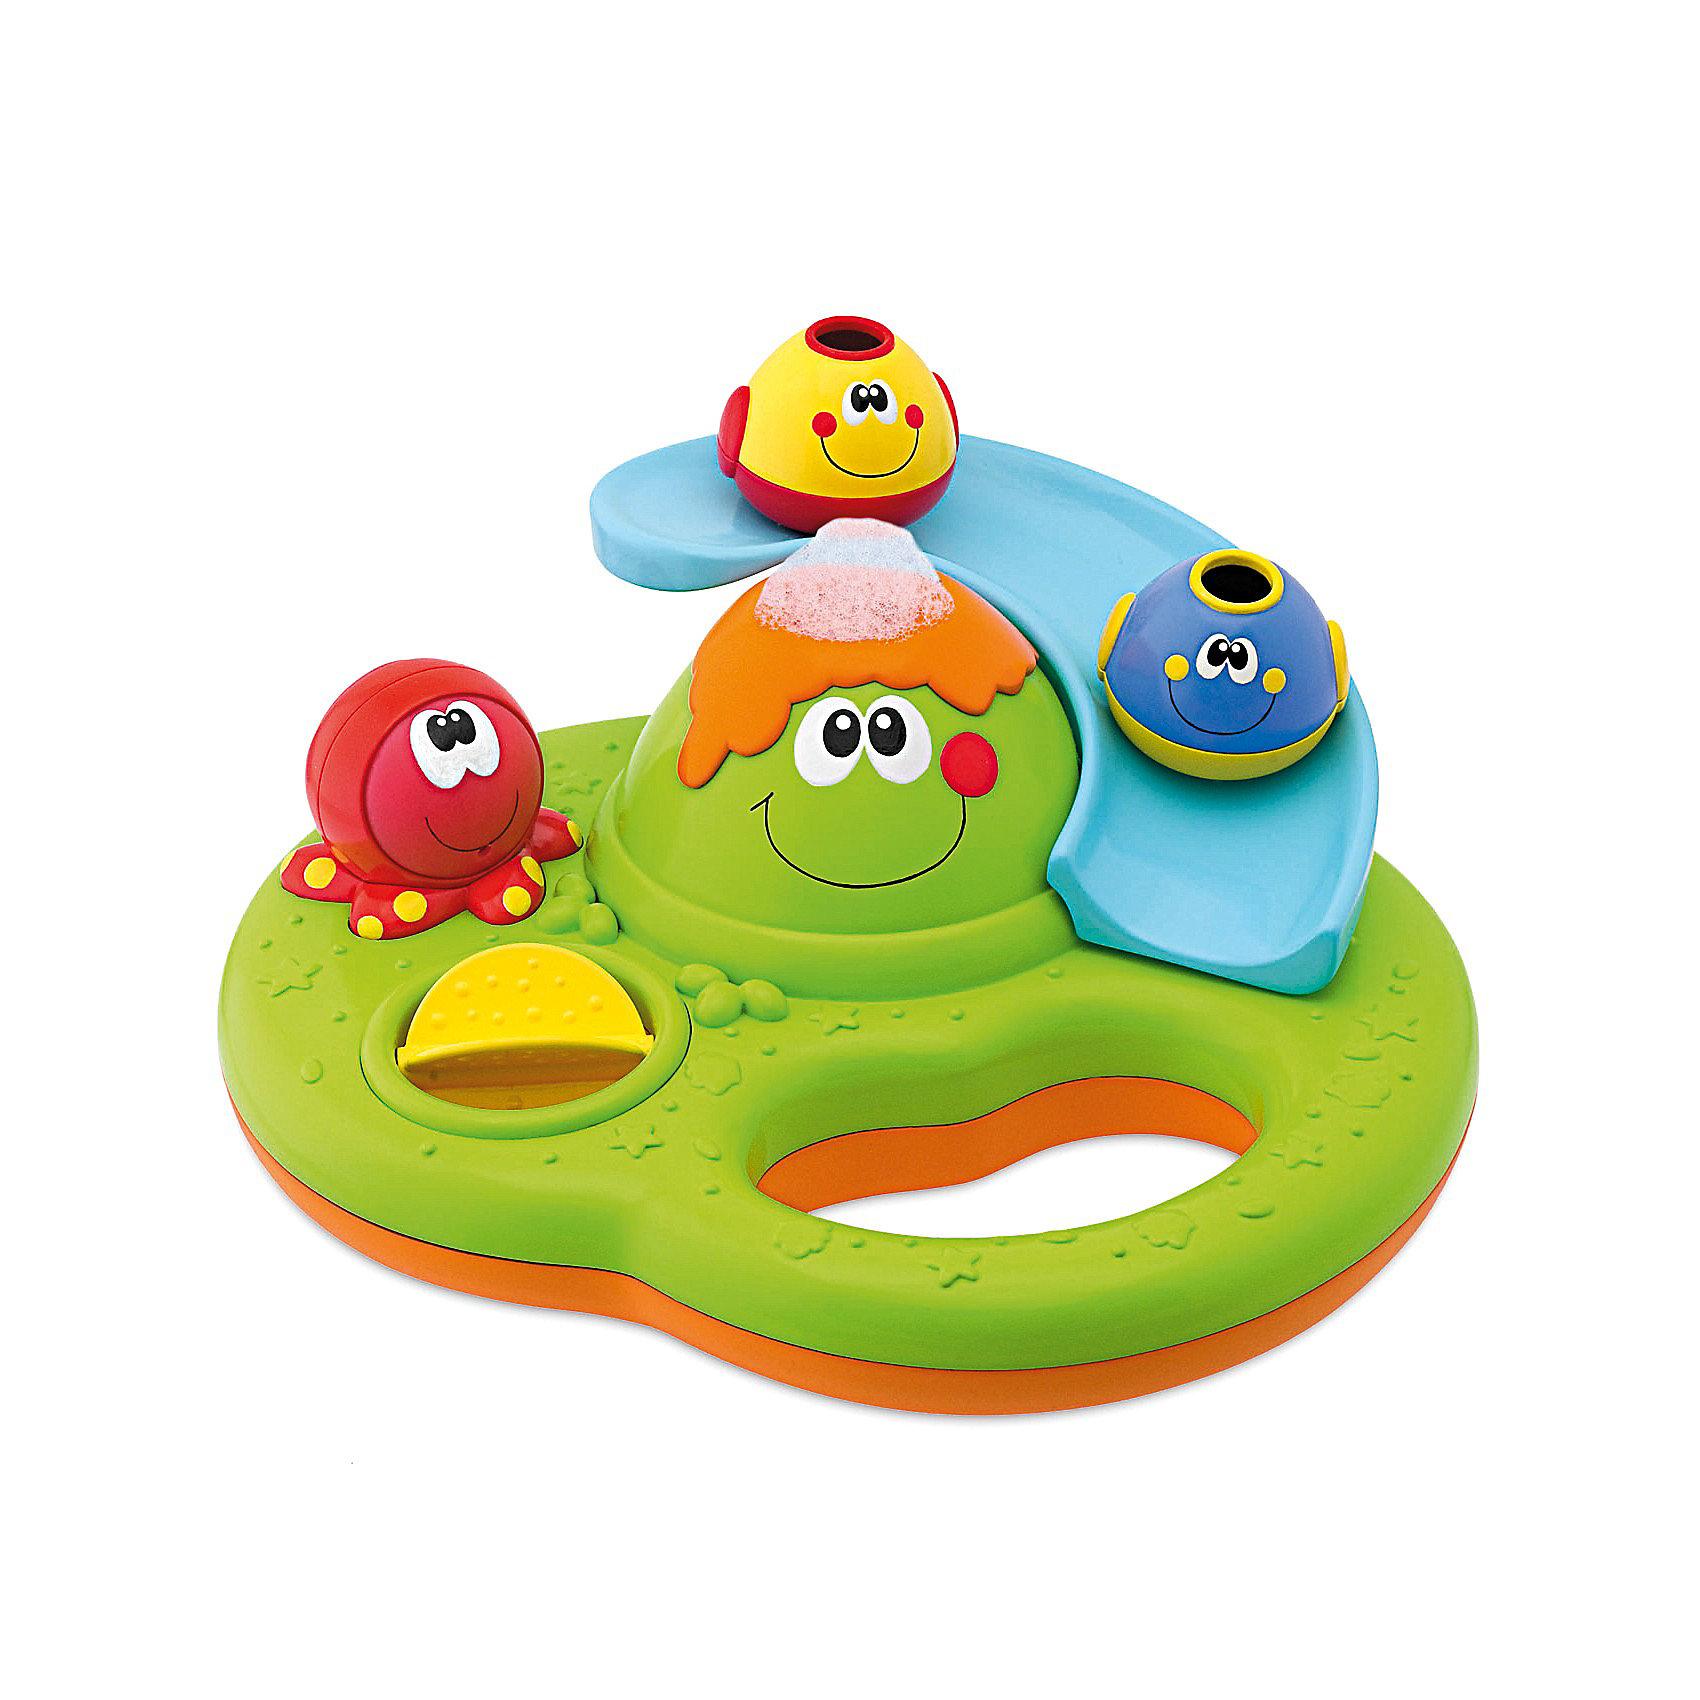 CHICCO Игрушка для ванной Остров пузырьков, Chicco игрушки для ванны сказка игрушка для купания транспорт